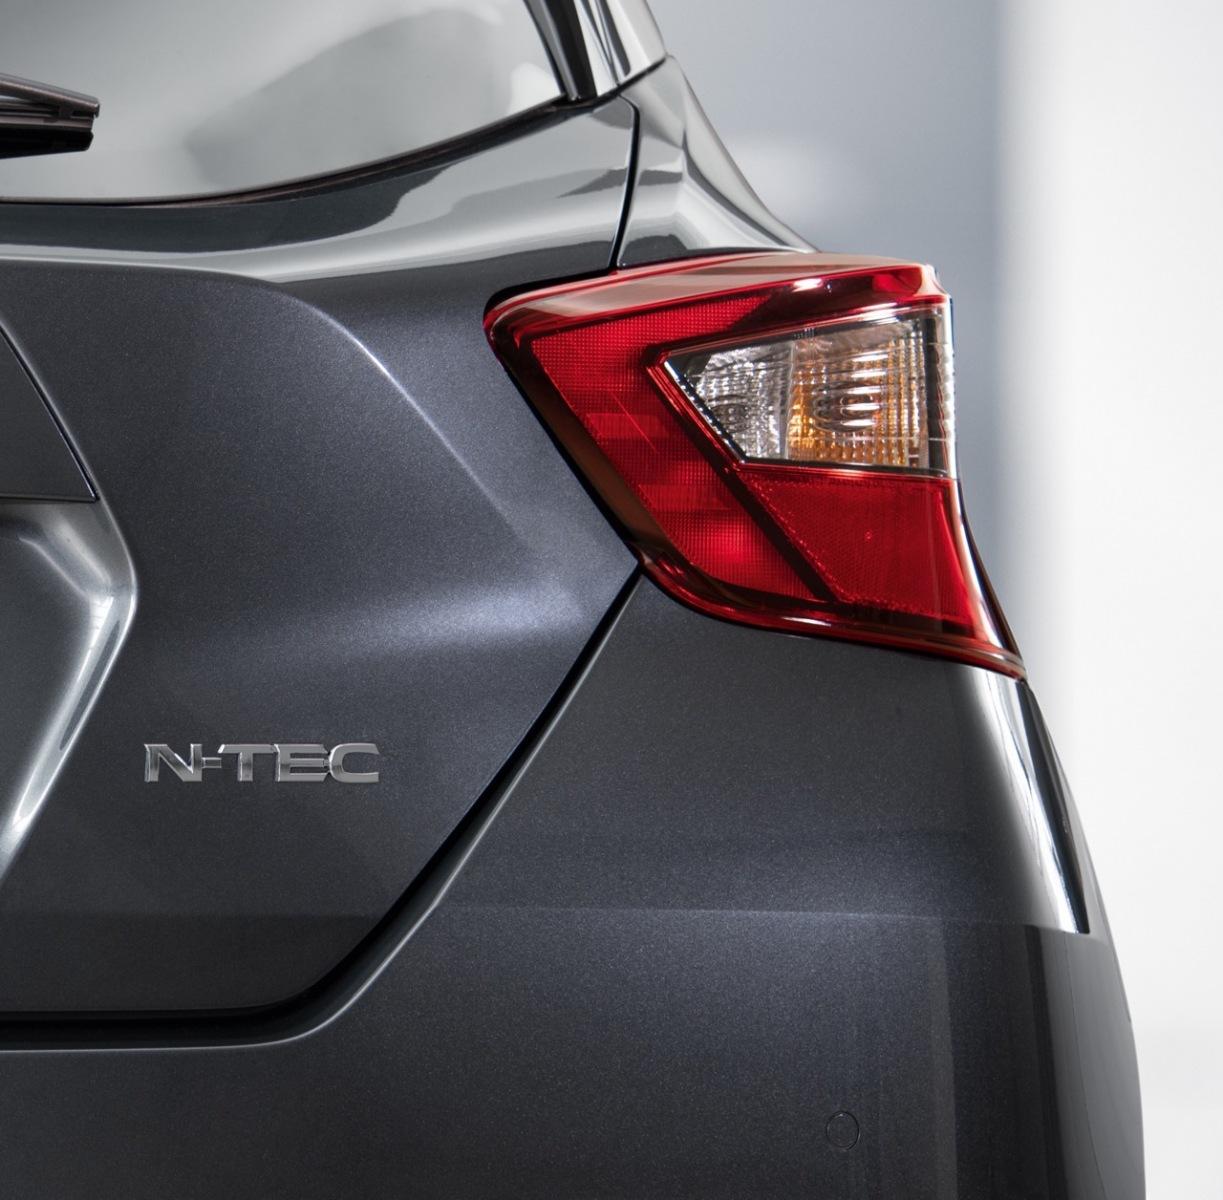 Nissan - Gamma N-Tec